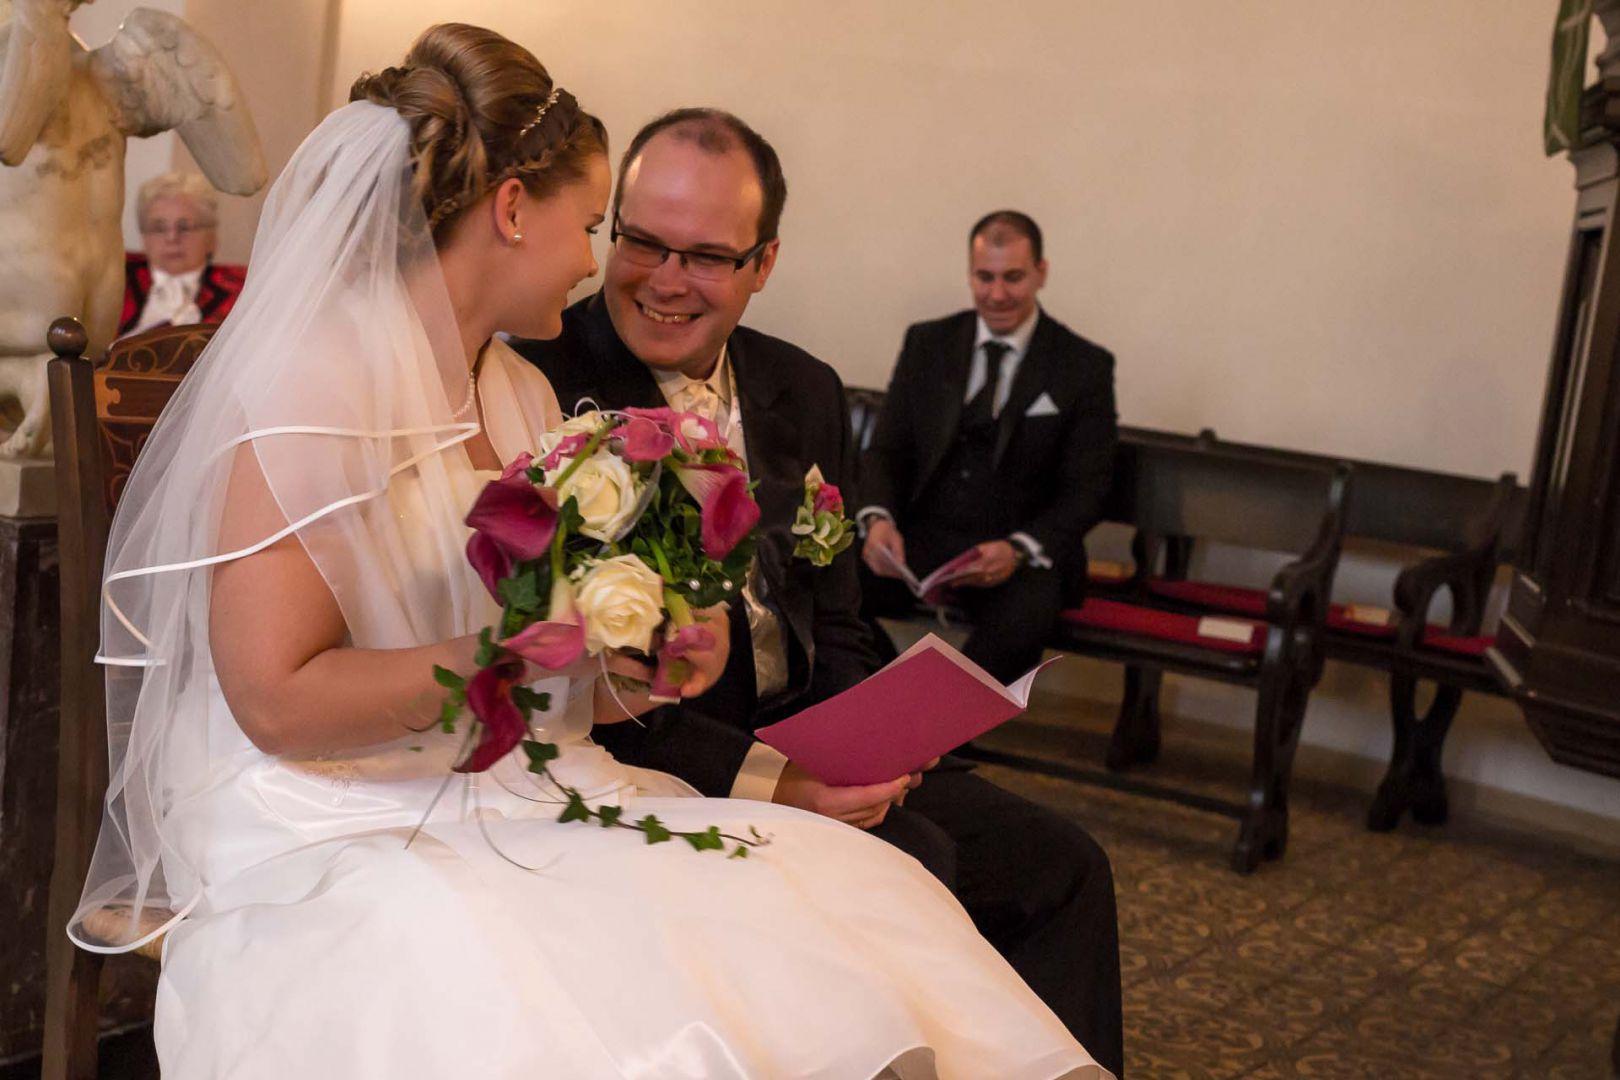 Trauung - Hochzeit in Spohienhof bei Preetz von Kerstin und Sebastian aus Hamburg